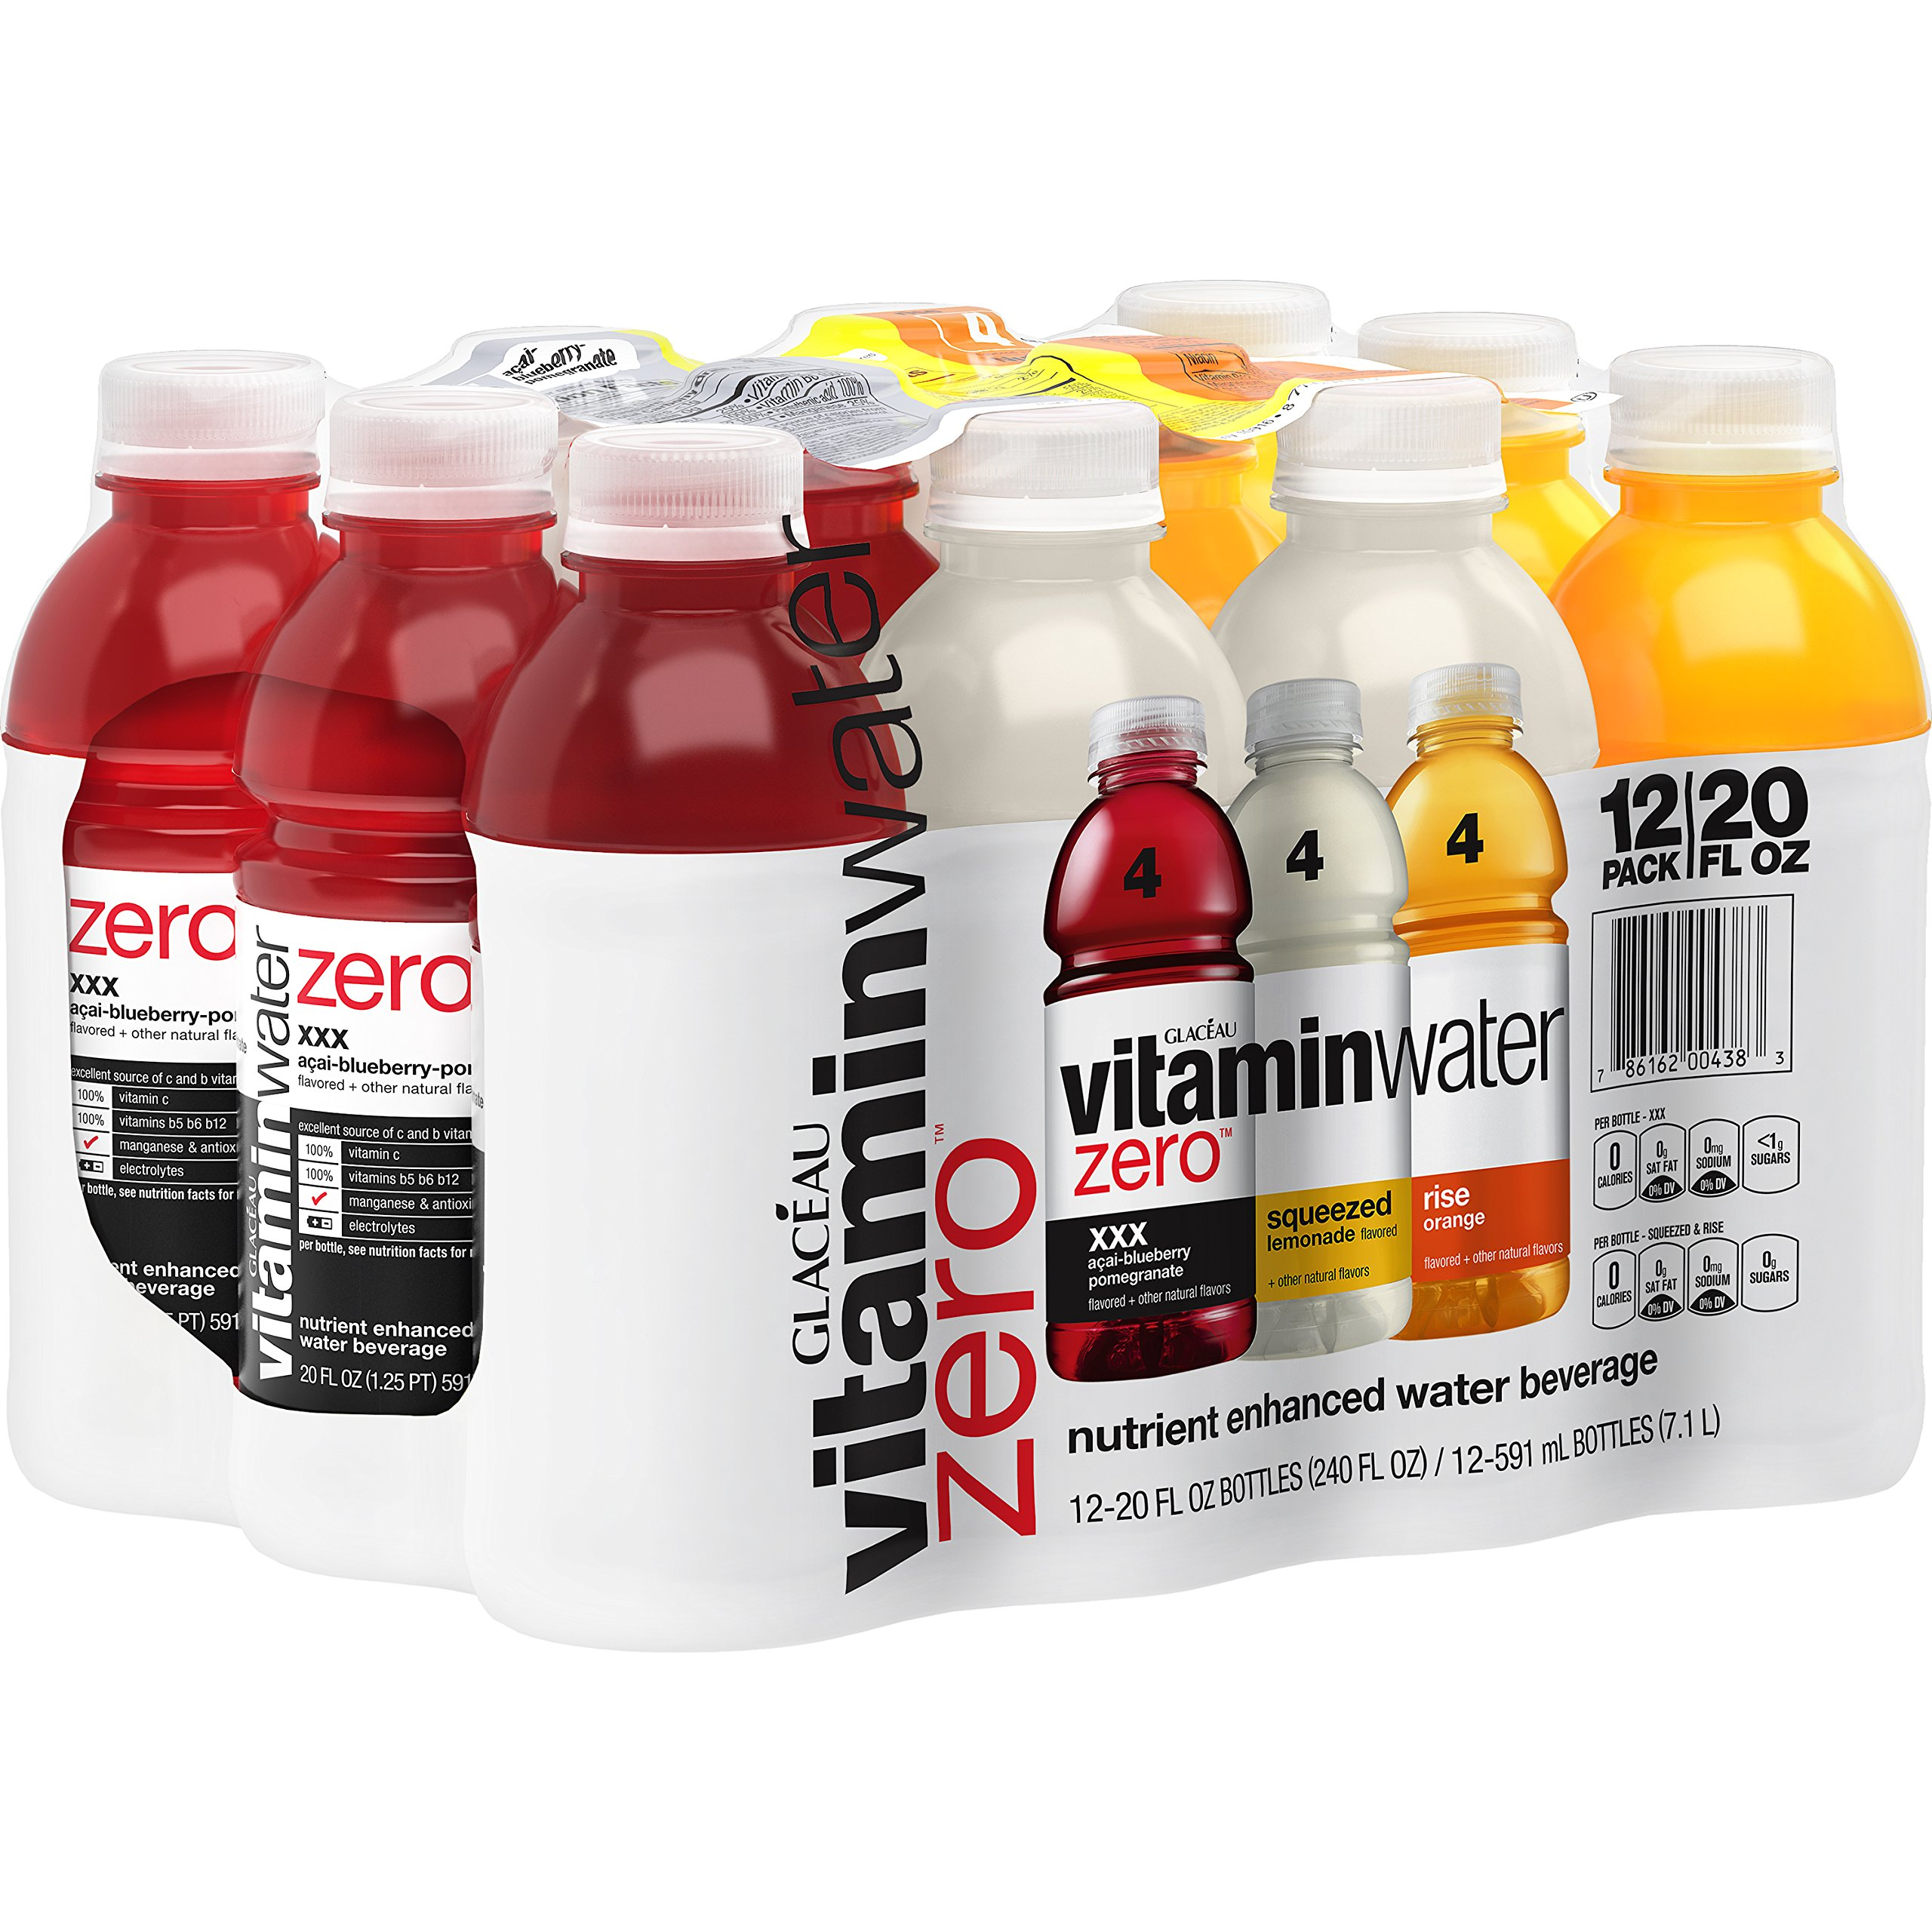 vitaminwater zero variety pack, 20 fl oz, 12 Pack